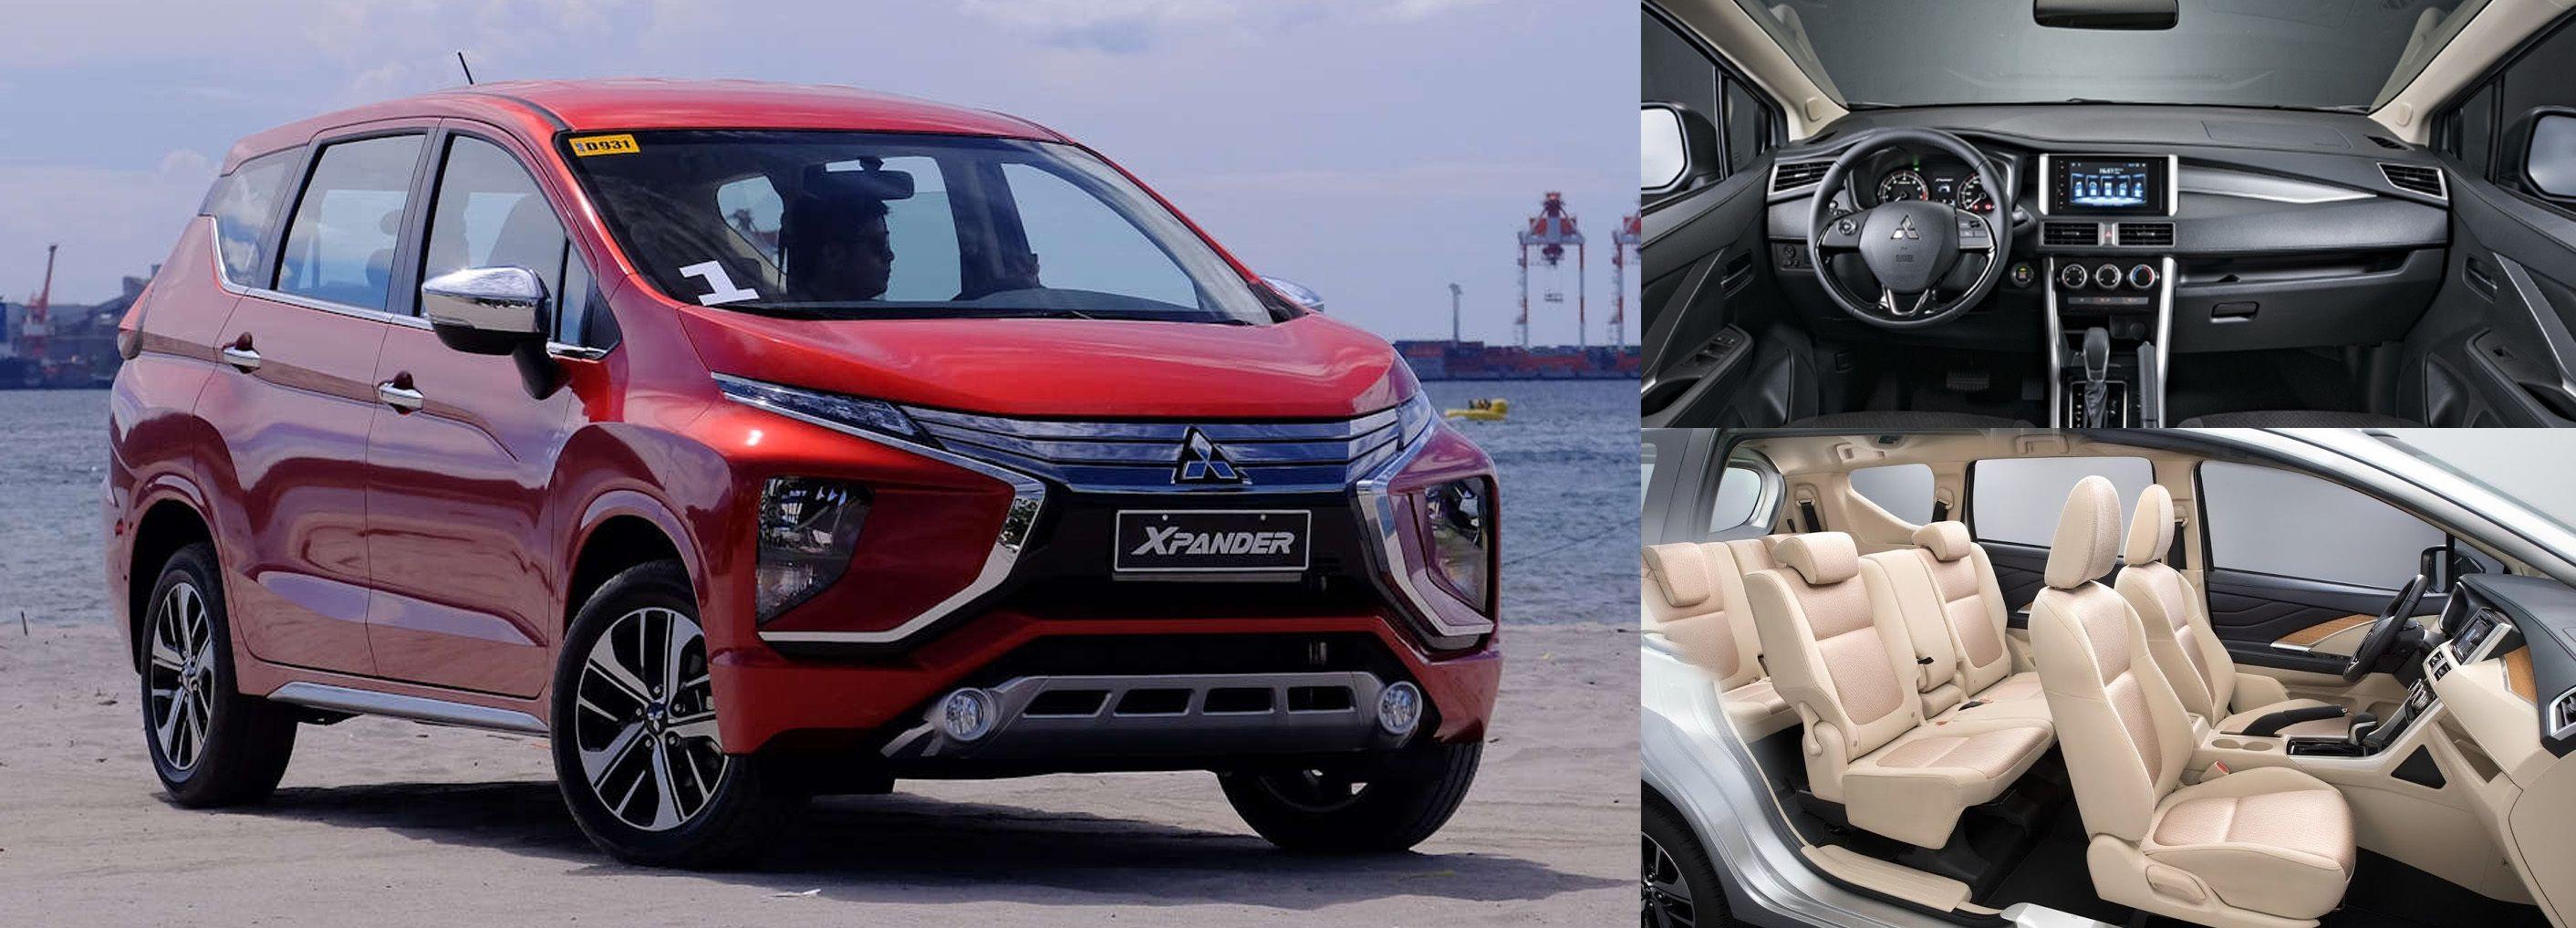 Phân khúc MPV tại Việt Nam năm 2019:  Cuộc chiến giữa Toyota Innova và Mitsubishi Xpander - 4